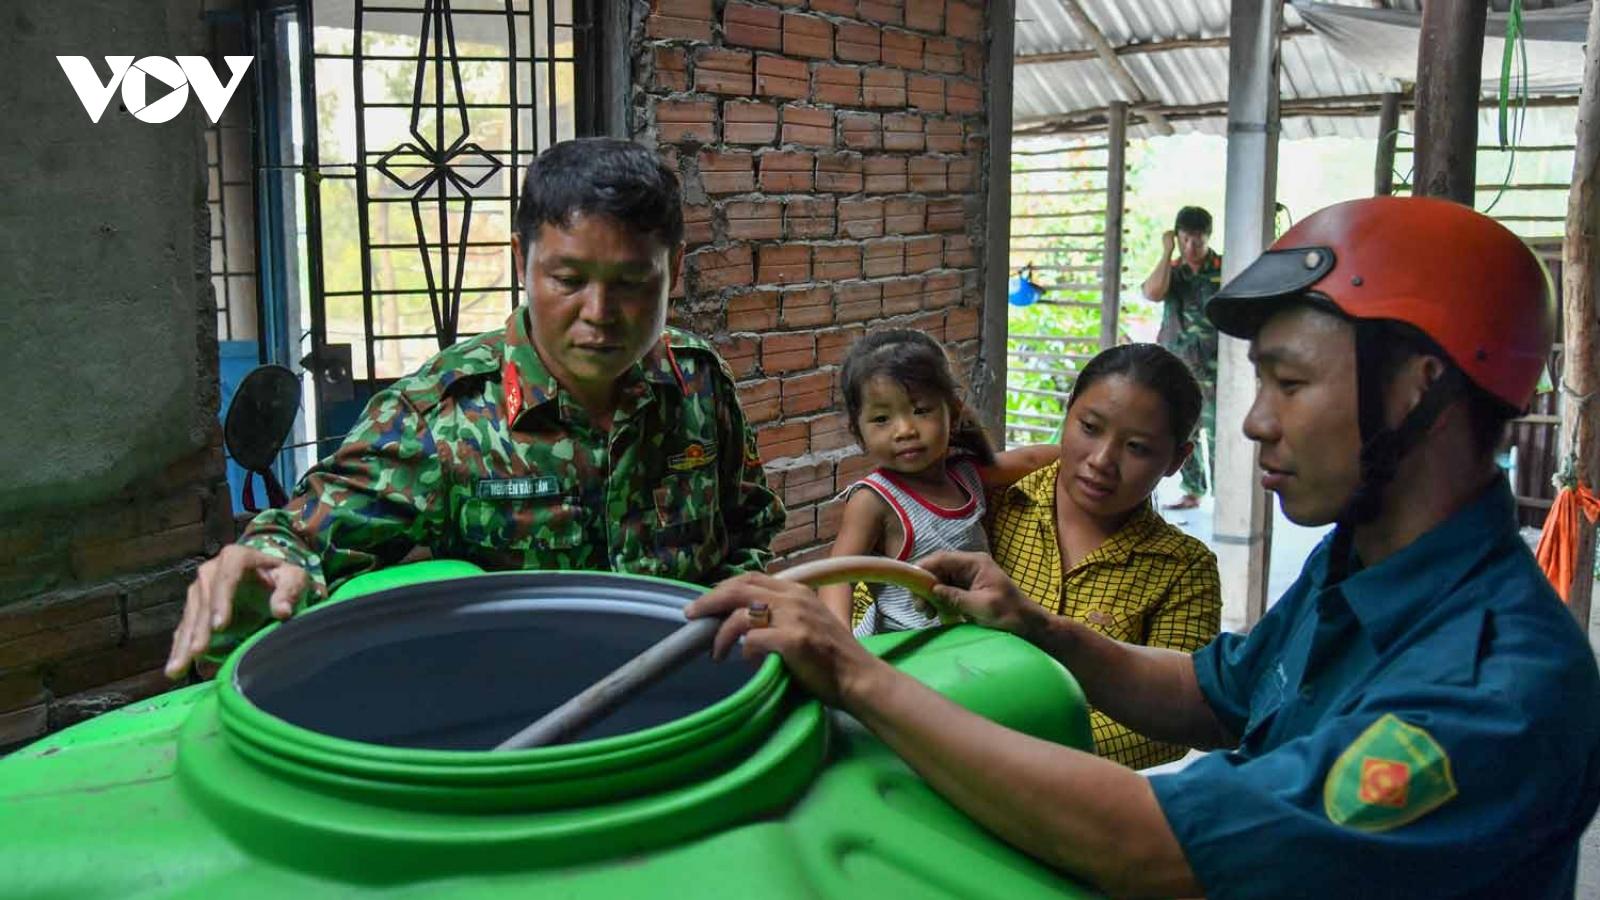 Bộ đội tham giacấp nước ngọt cho cáchộ dânvùng hạn mặnbiên giới Giang Thành